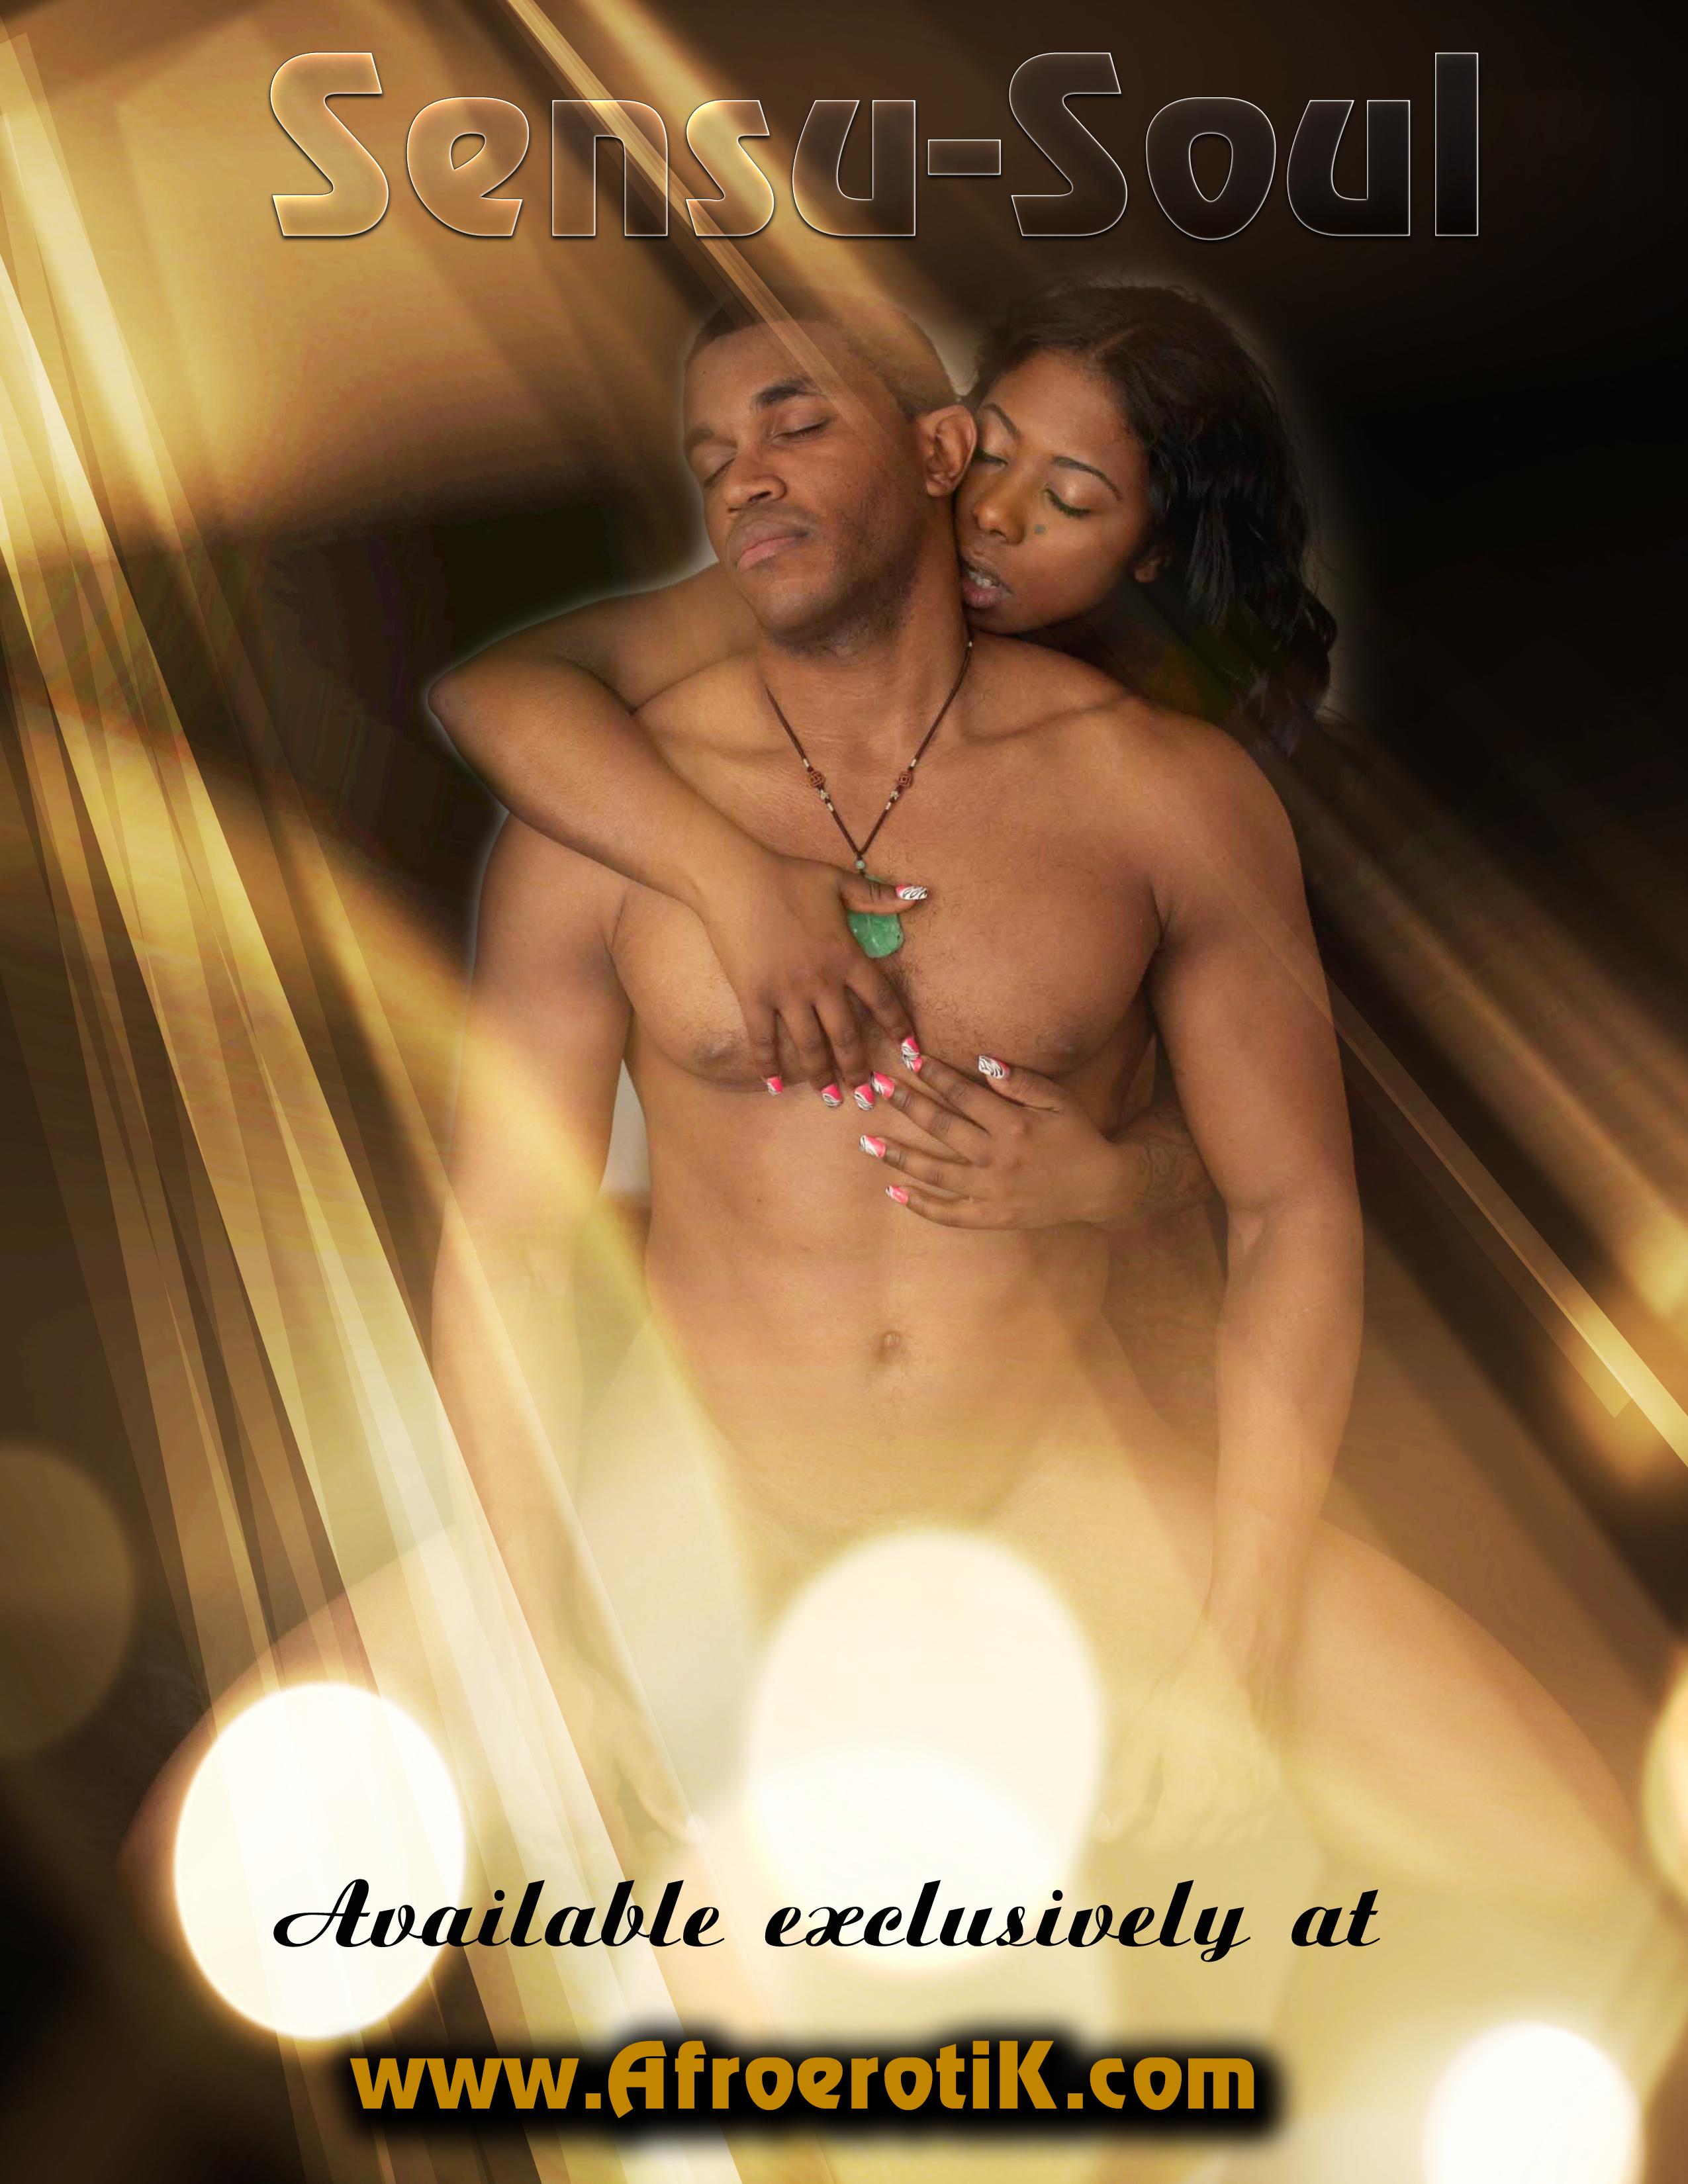 Black men erotica